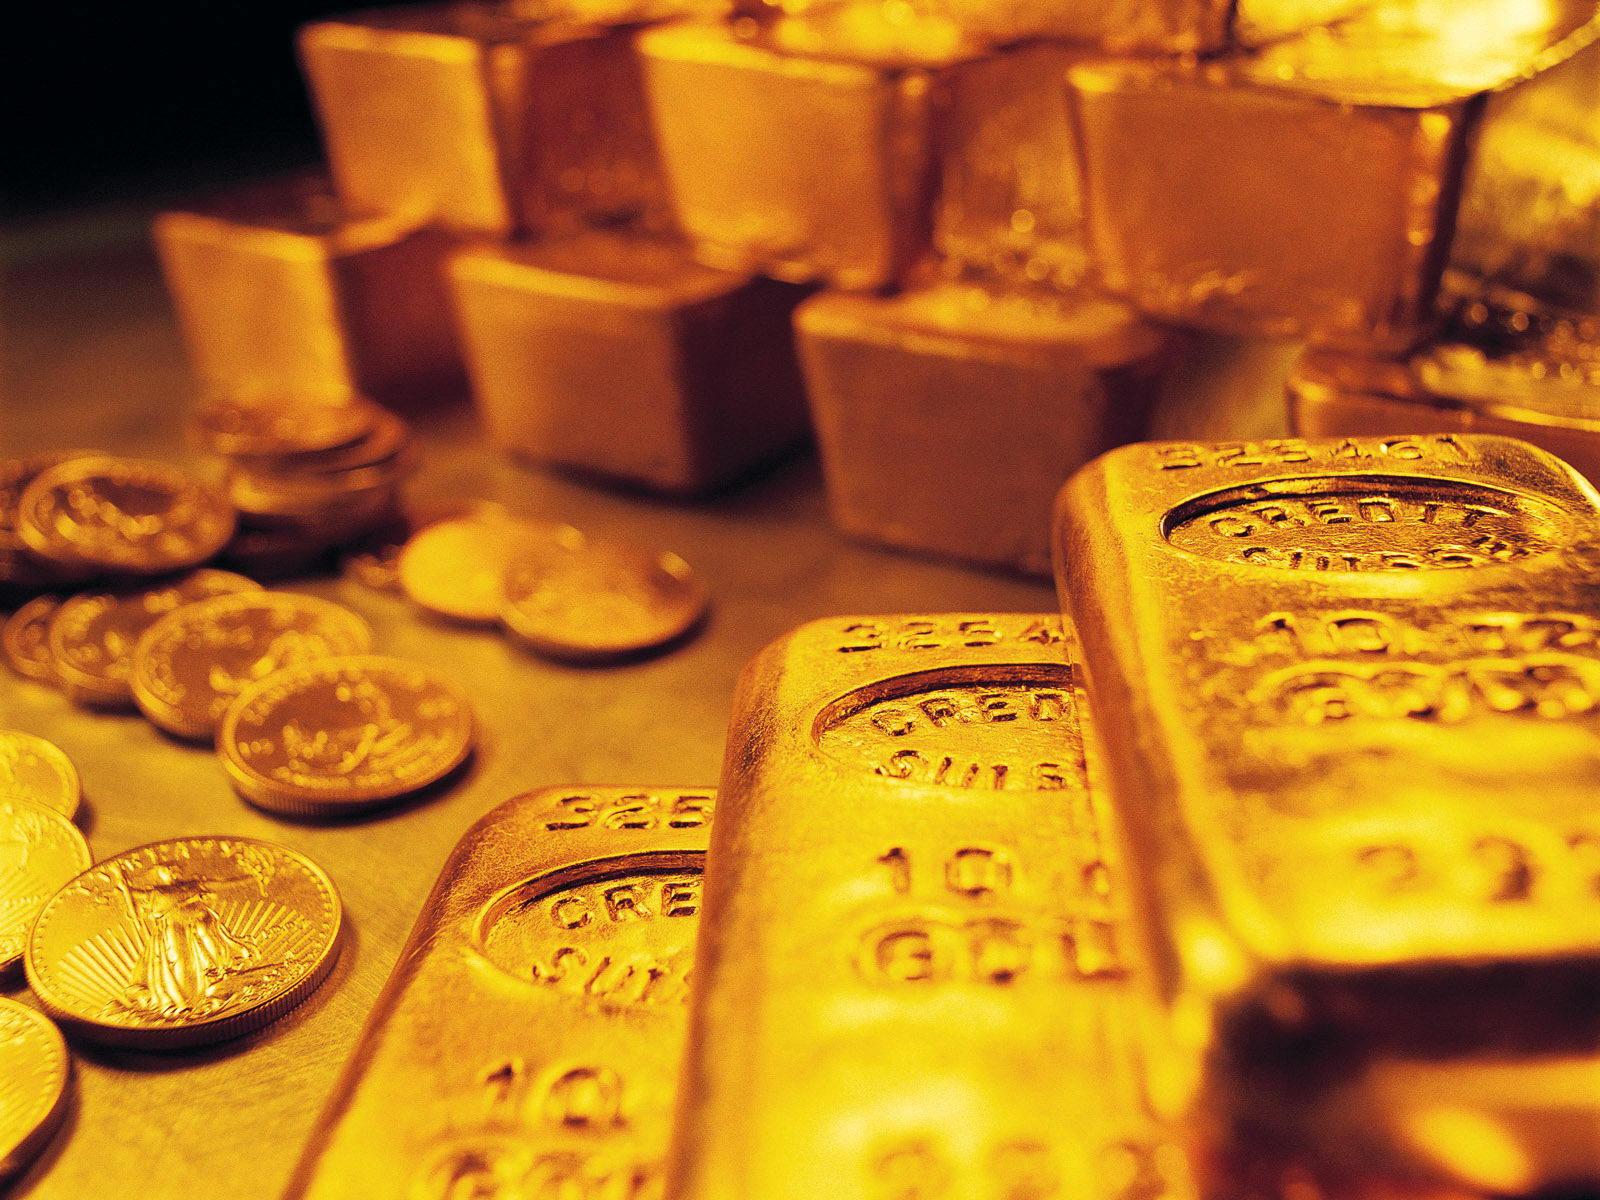 现货黄金价再度失守1460 后市恐还要大跌?